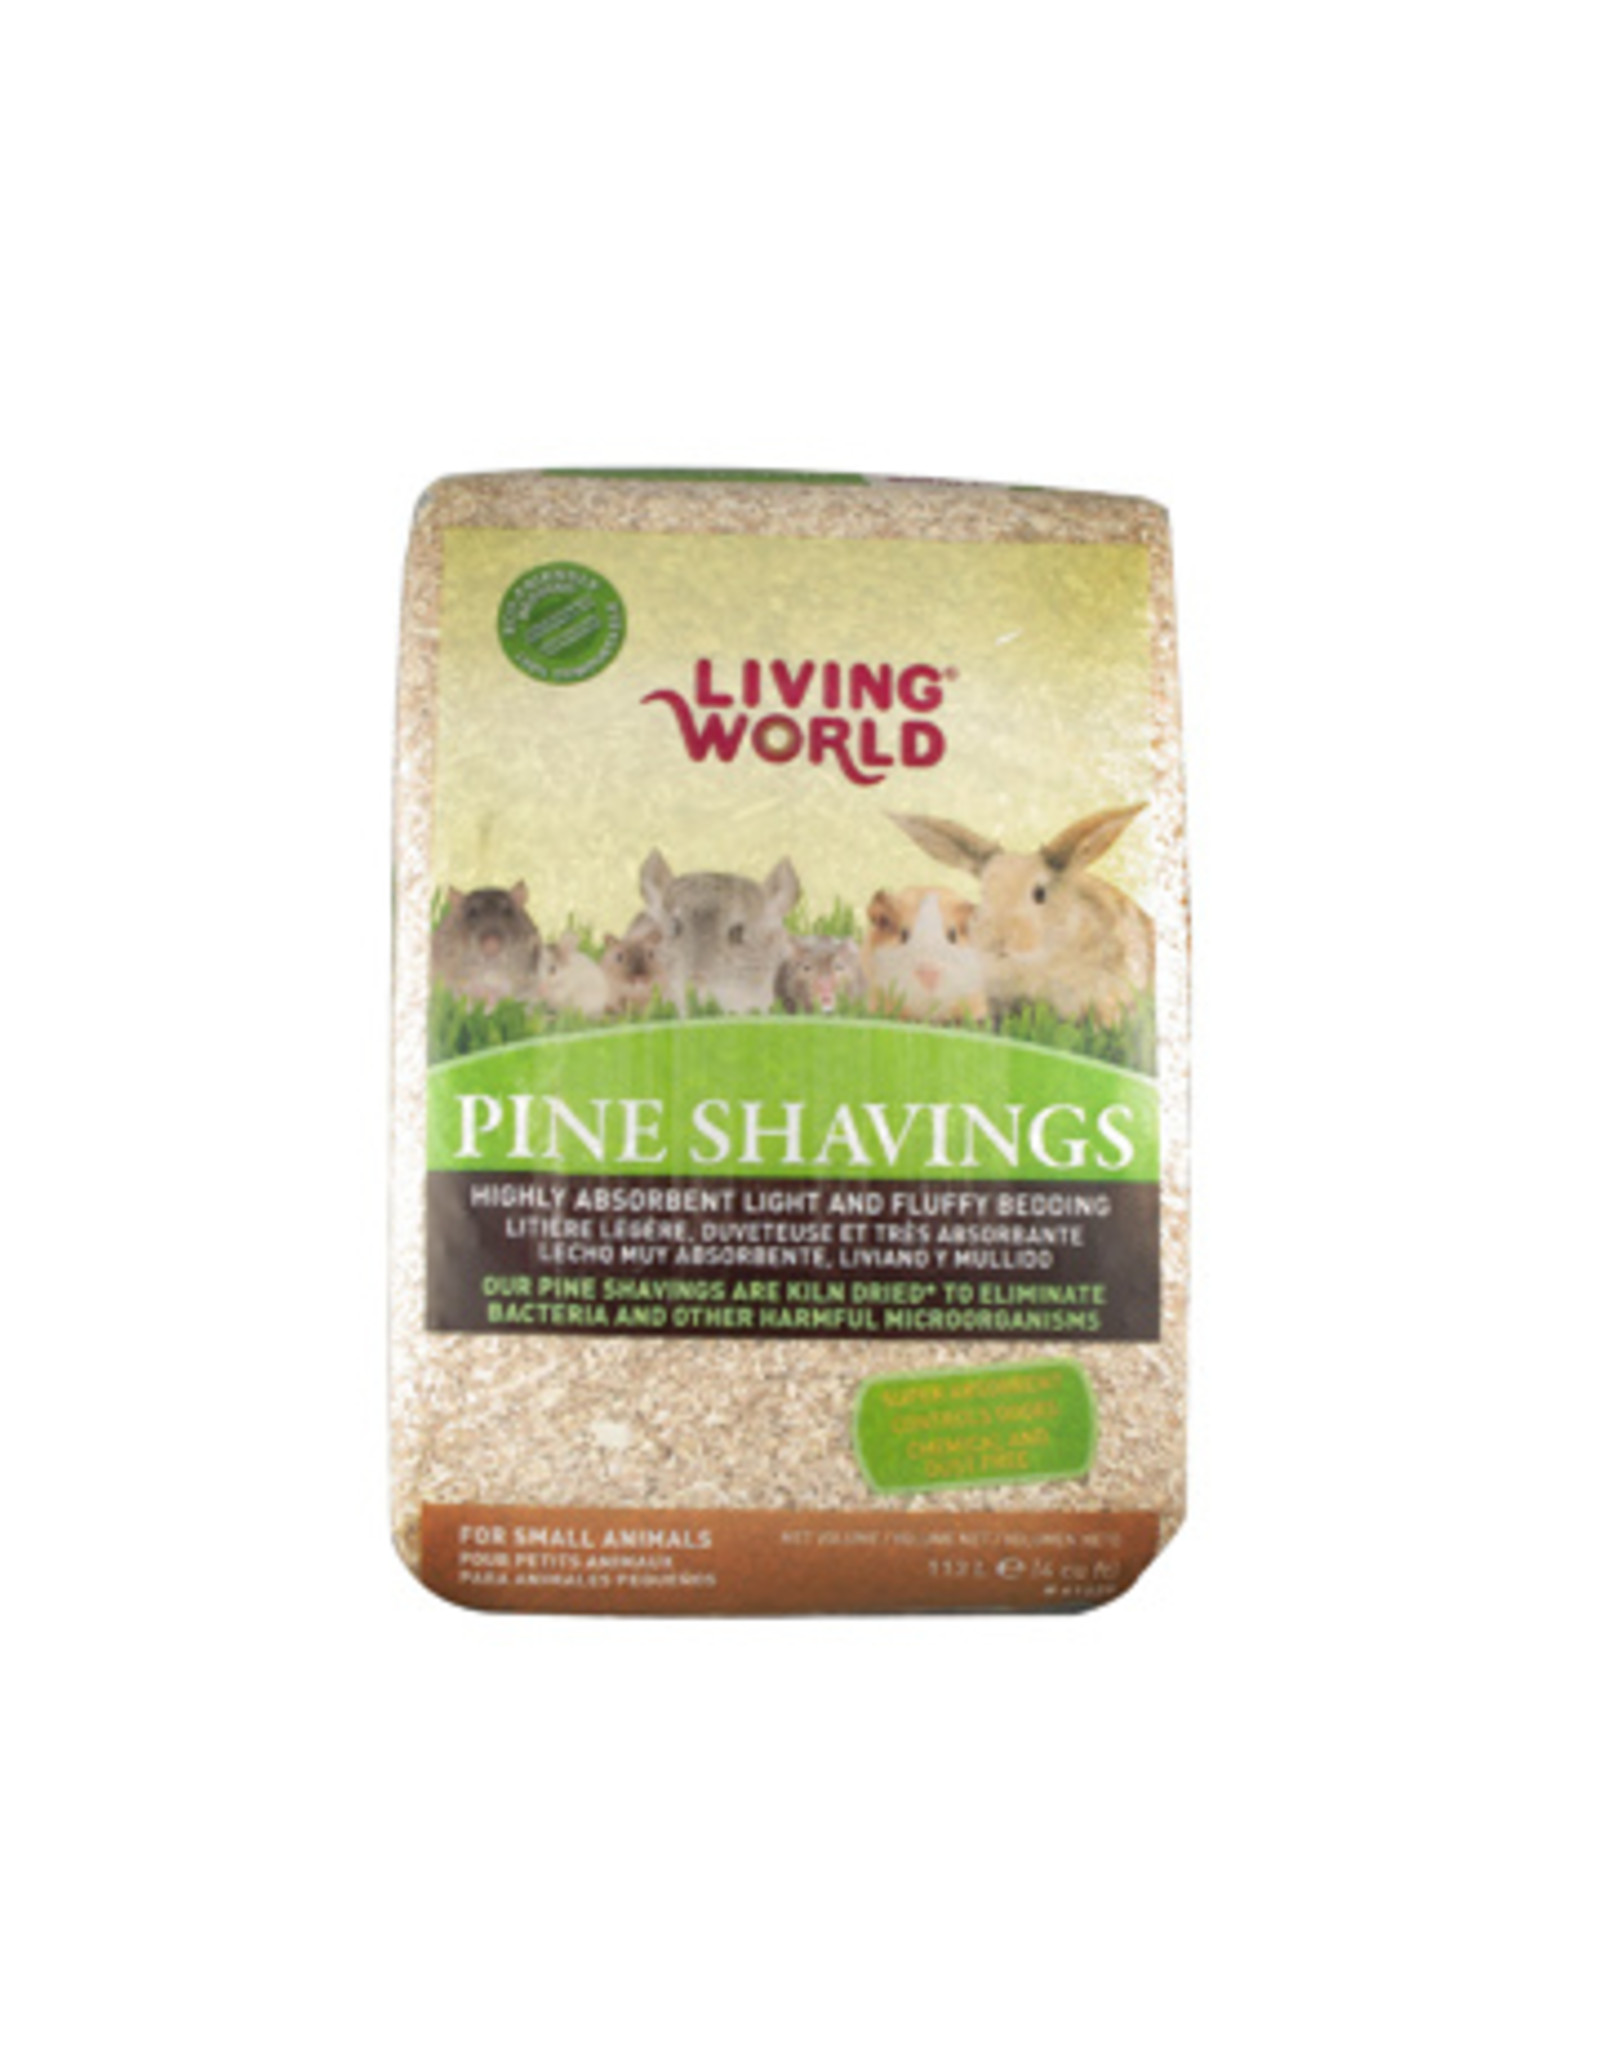 Living World LIVING WORLD Pine Shavings